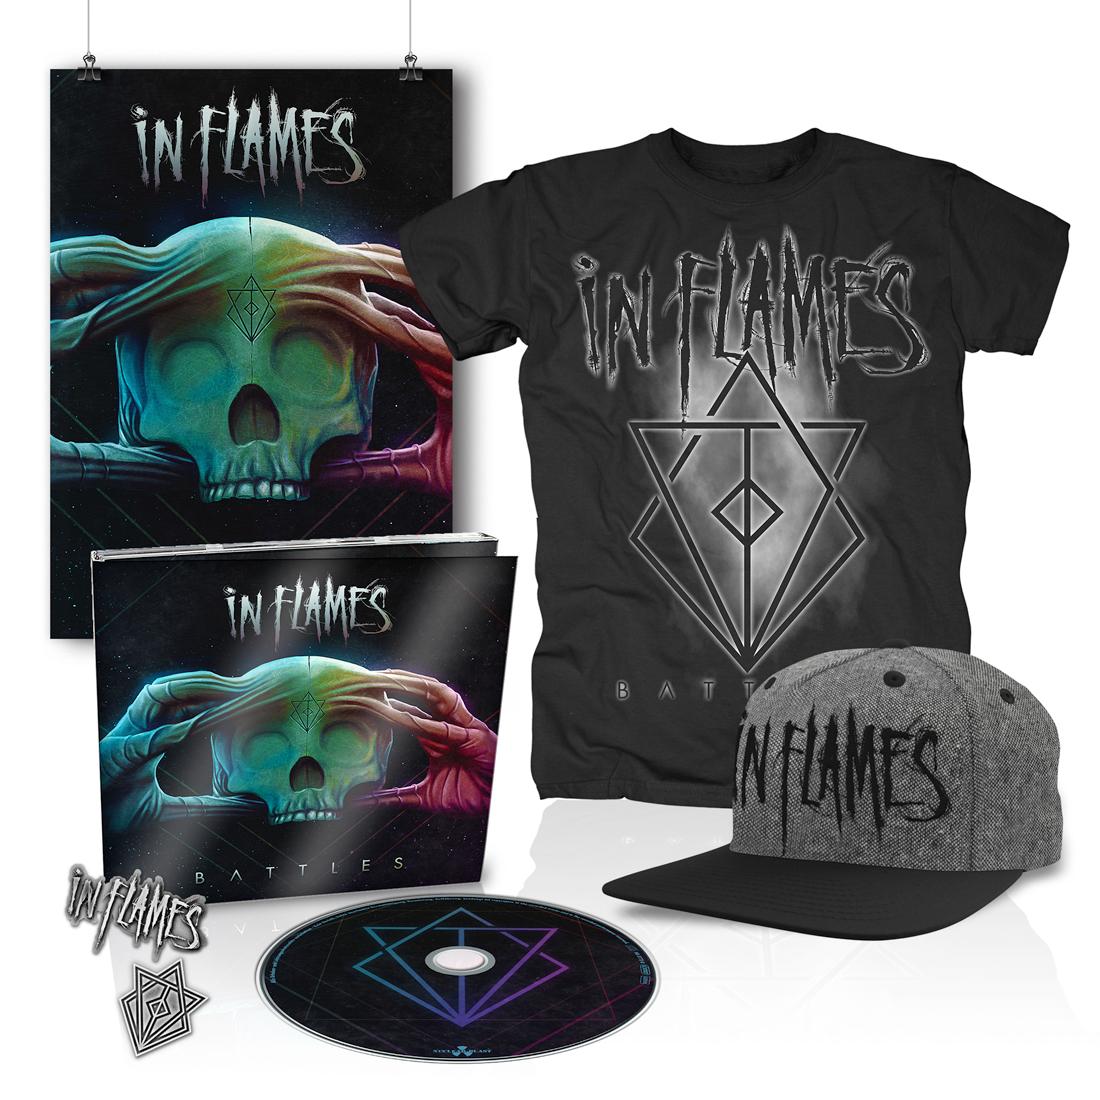 √Battles CD Bundle 1 von In Flames - Bundle jetzt im In Flames Shop